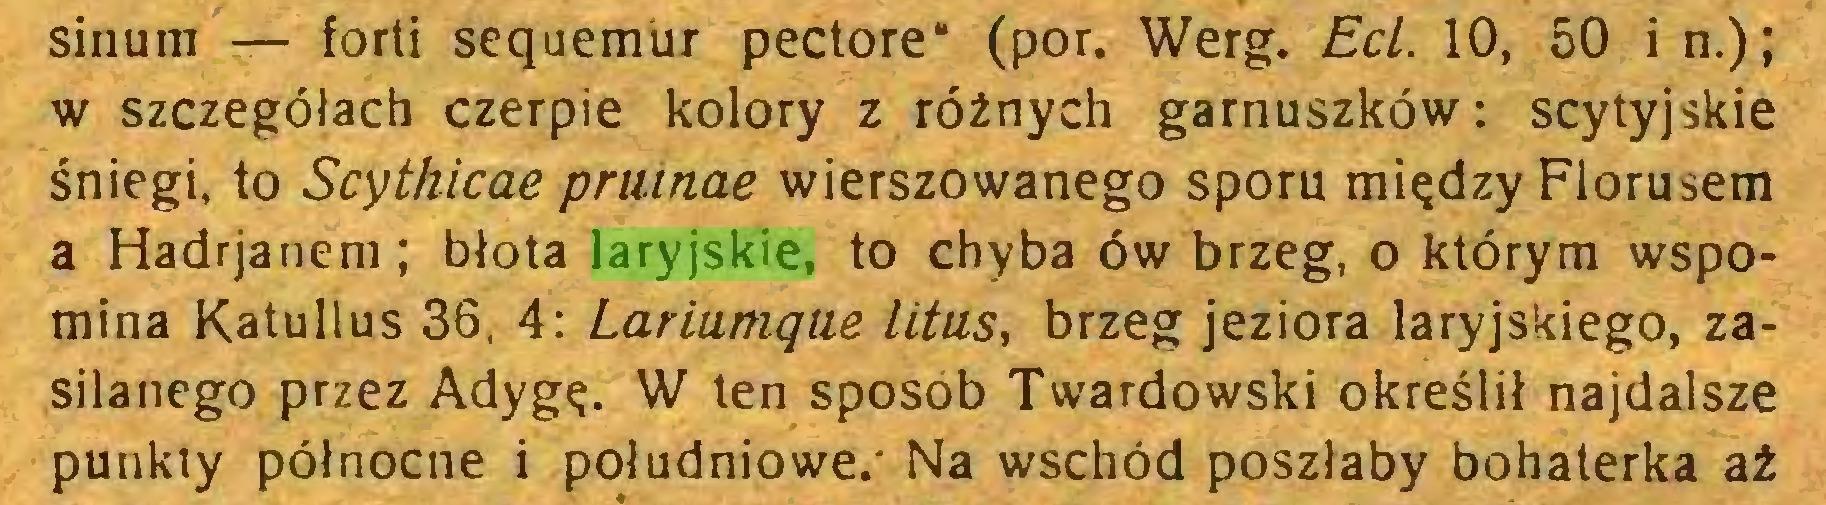 """(...) sinum — forti sequemur pectore"""" (por. Werg. Ecl. 10, 50 i n.); w szczegółach czerpie kolory z różnych garnuszków: scytyjskie śniegi, to Scythicae pruinae wierszowanego sporu między Florusem a Hadrjanem; błota laryjskie, to chyba ów brzeg, o którym wspomina Katullus 36, 4: Lariumque litus, brzeg jeziora laryjskiego, zasilanego przez Adygę. W ten sposob Twardowski określił najdalsze punkty północne i południowe.' Na wschód poszłaby bohaterka aż..."""